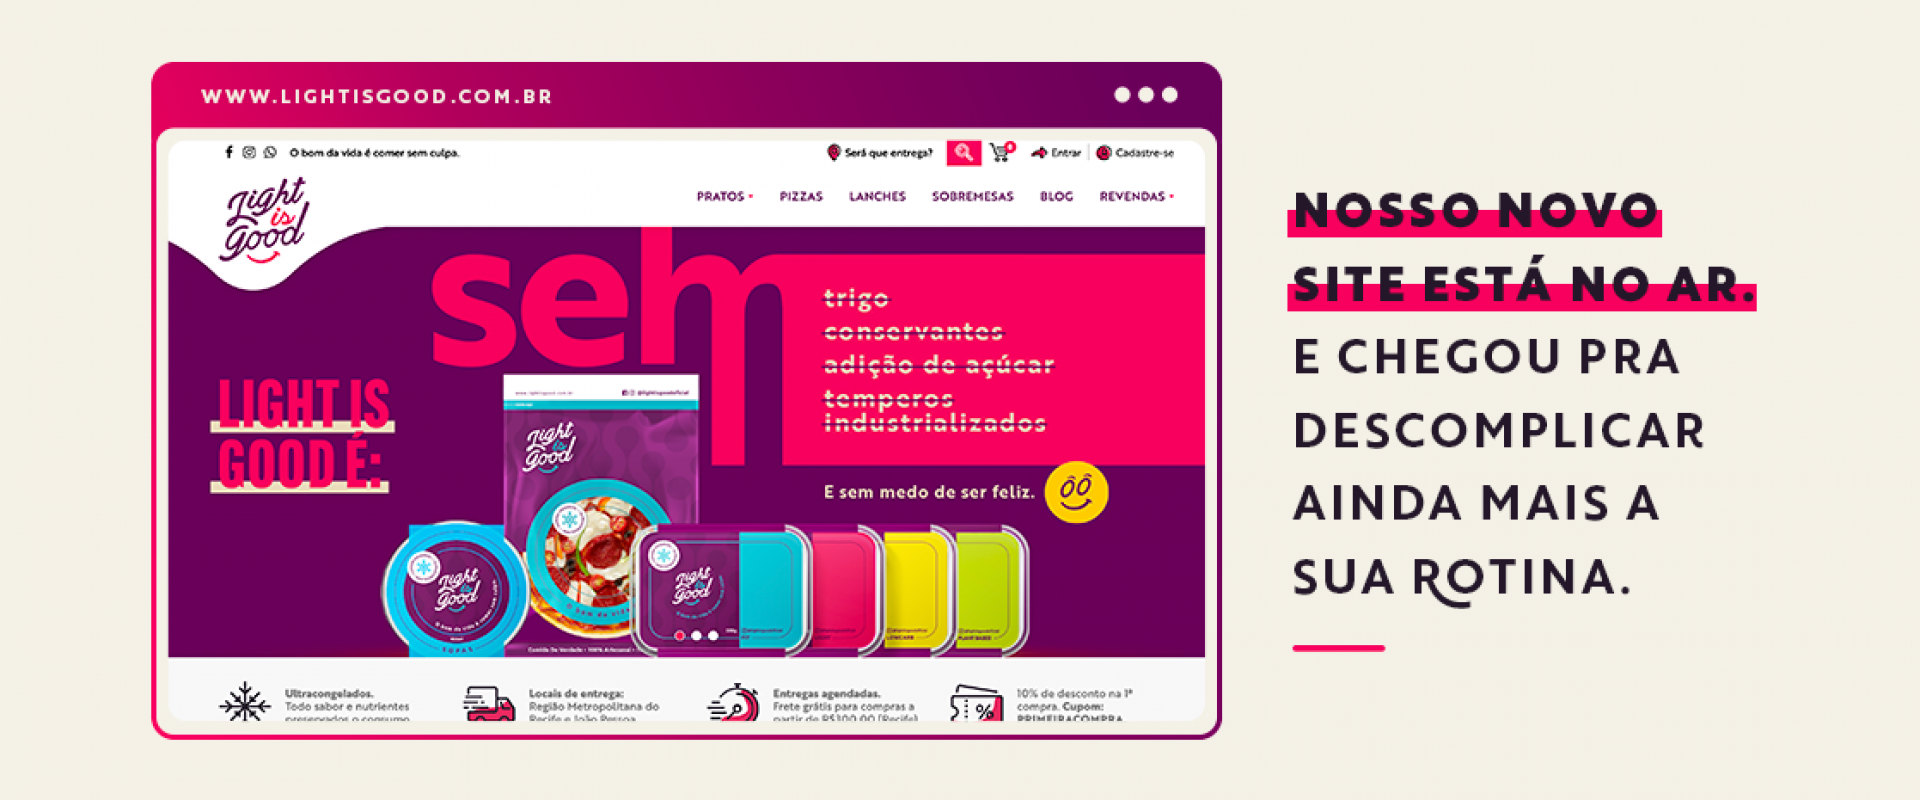 Novo site e-commerce Light is good